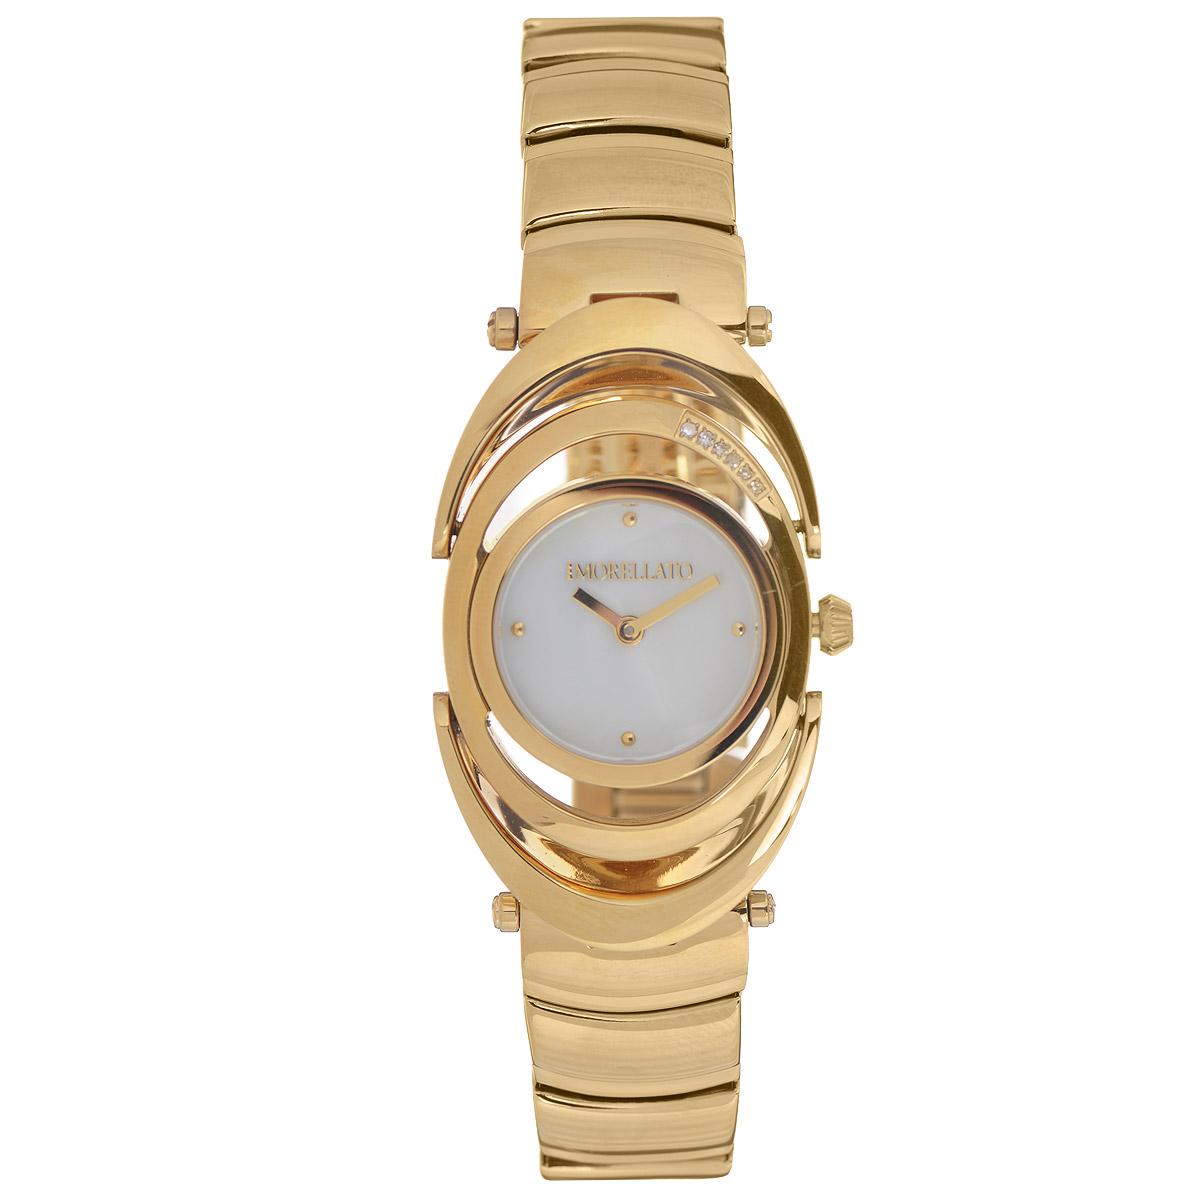 Часы женские наручные Morellato, цвет: золотой. R0153106501R0153106501Наручные женские часы Morellato оснащены кварцевым механизмом. Корпус выполнен из высококачественной нержавеющей стали с PVD-покрытием и декорирован кристаллами. Циферблат из натурального перламутра с отметками оформлен надписью Morellato и защищен минеральным стеклом. Часы имеют две стрелки - часовую и минутную. Браслет часов выполнен из нержавеющей стали с PVD-покрытием и оснащен застежкой-клипсой. Часы укомплектованы паспортом с подробной инструкцией в оригинальную подарочную коробку с названием бренда. Часы Morellato отличаются уникальным, но в то же время простым и лаконичным стилем. Характеристики: Диаметр циферблата: 1,9 см. Размер корпуса: 2,7 см х 4,8 см х 0,7 см. Длина браслета (с корпусом): 24,5 см. Ширина браслета: 1,5 см.